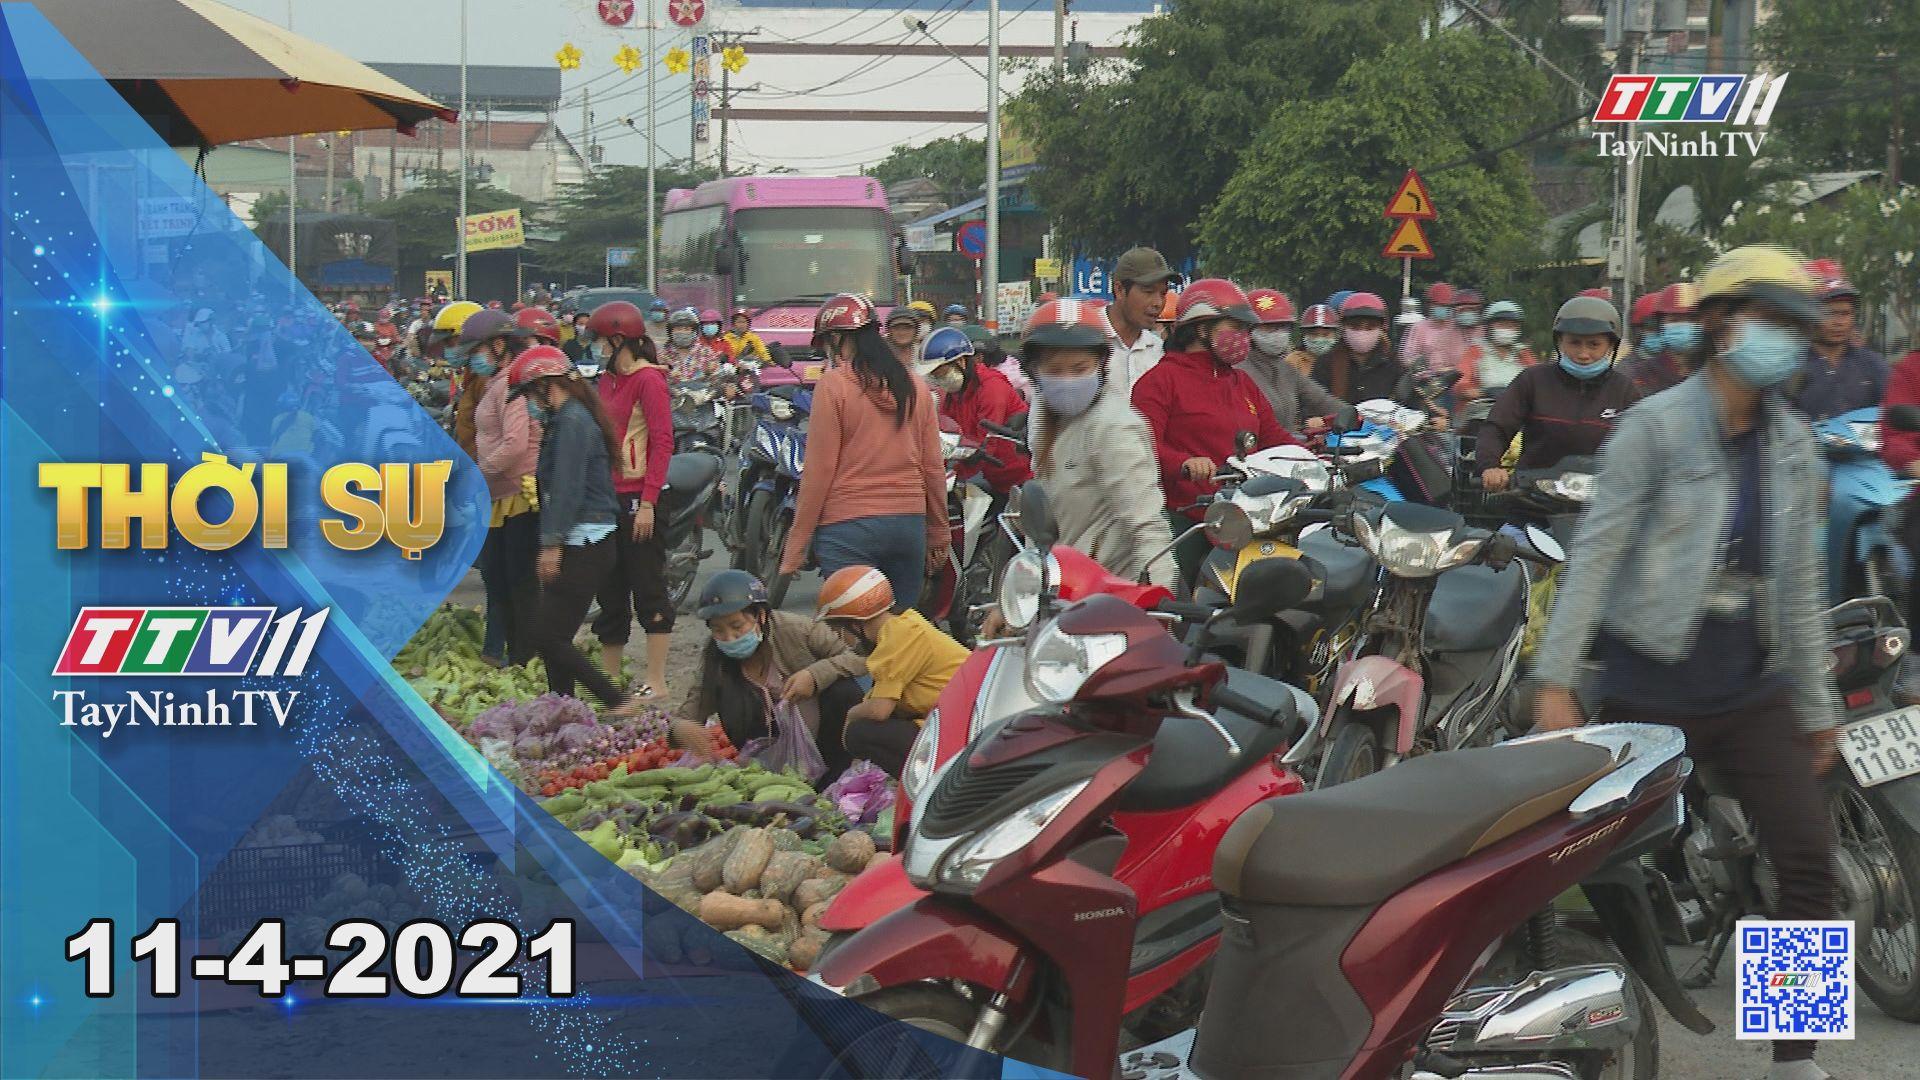 Thời sự Tây Ninh 11-4-2021 | Tin tức hôm nay | TayNinhTV